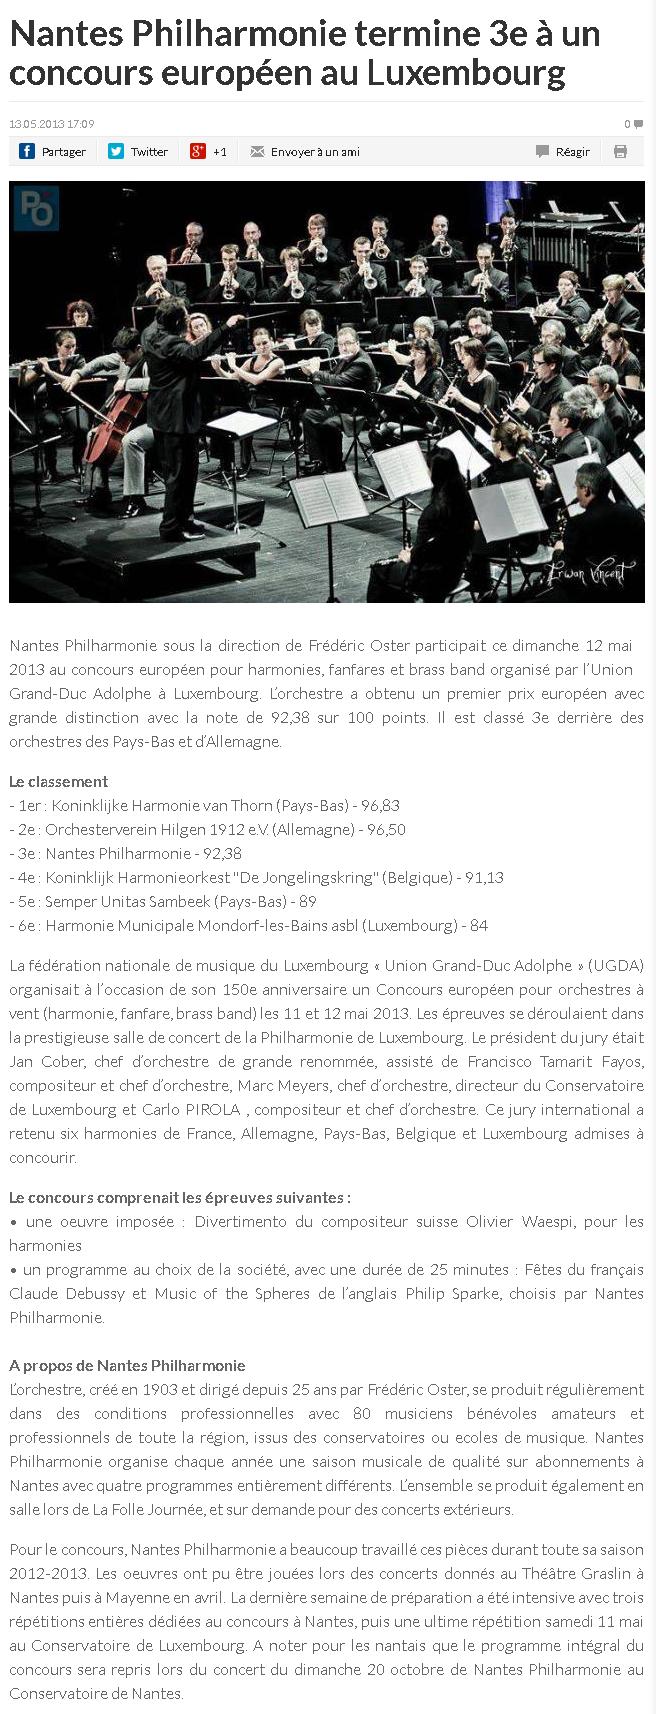 Nantes Philharmonie termine 3e à un concours européen au Luxembourg